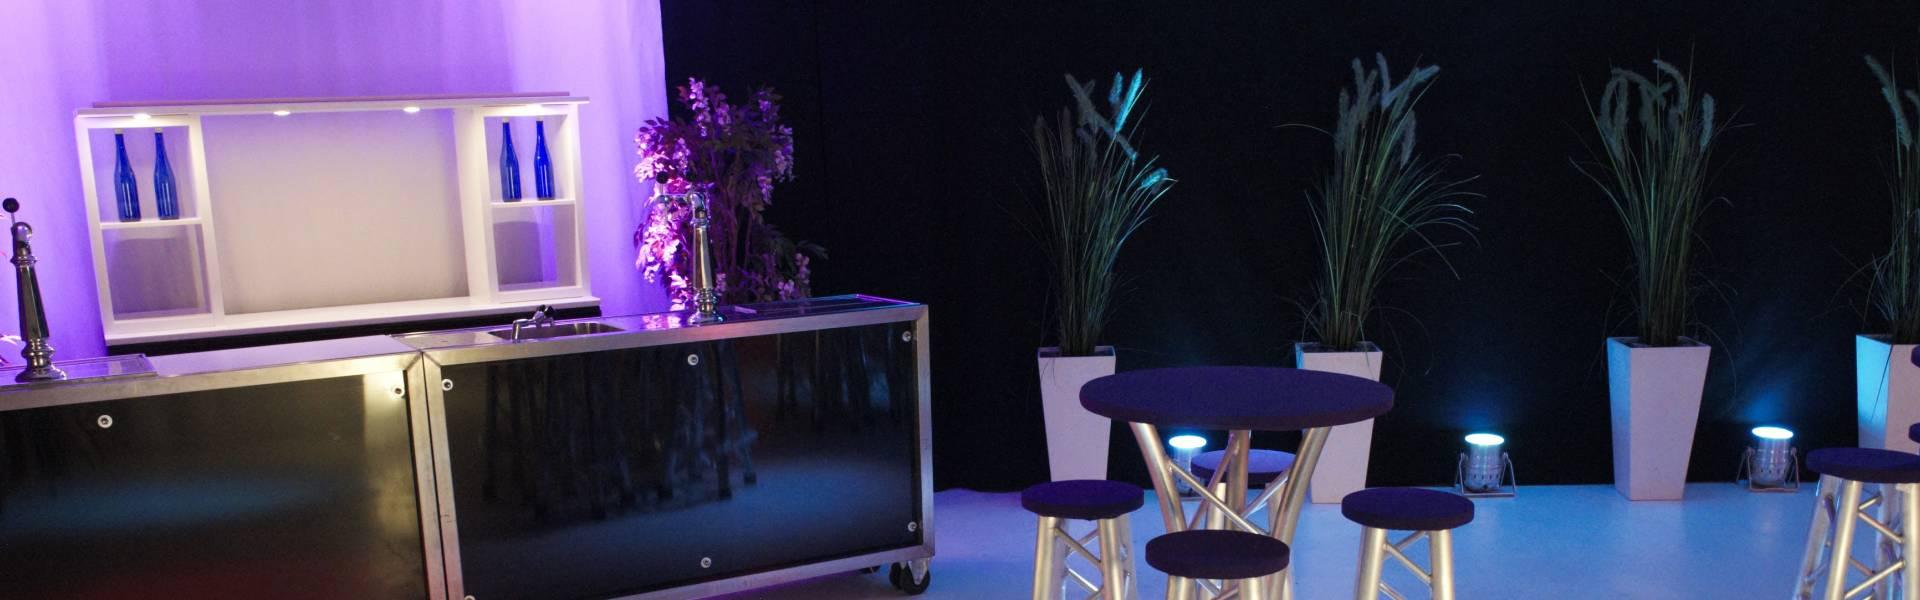 Partygarant | Partyservice en Partyverhuur